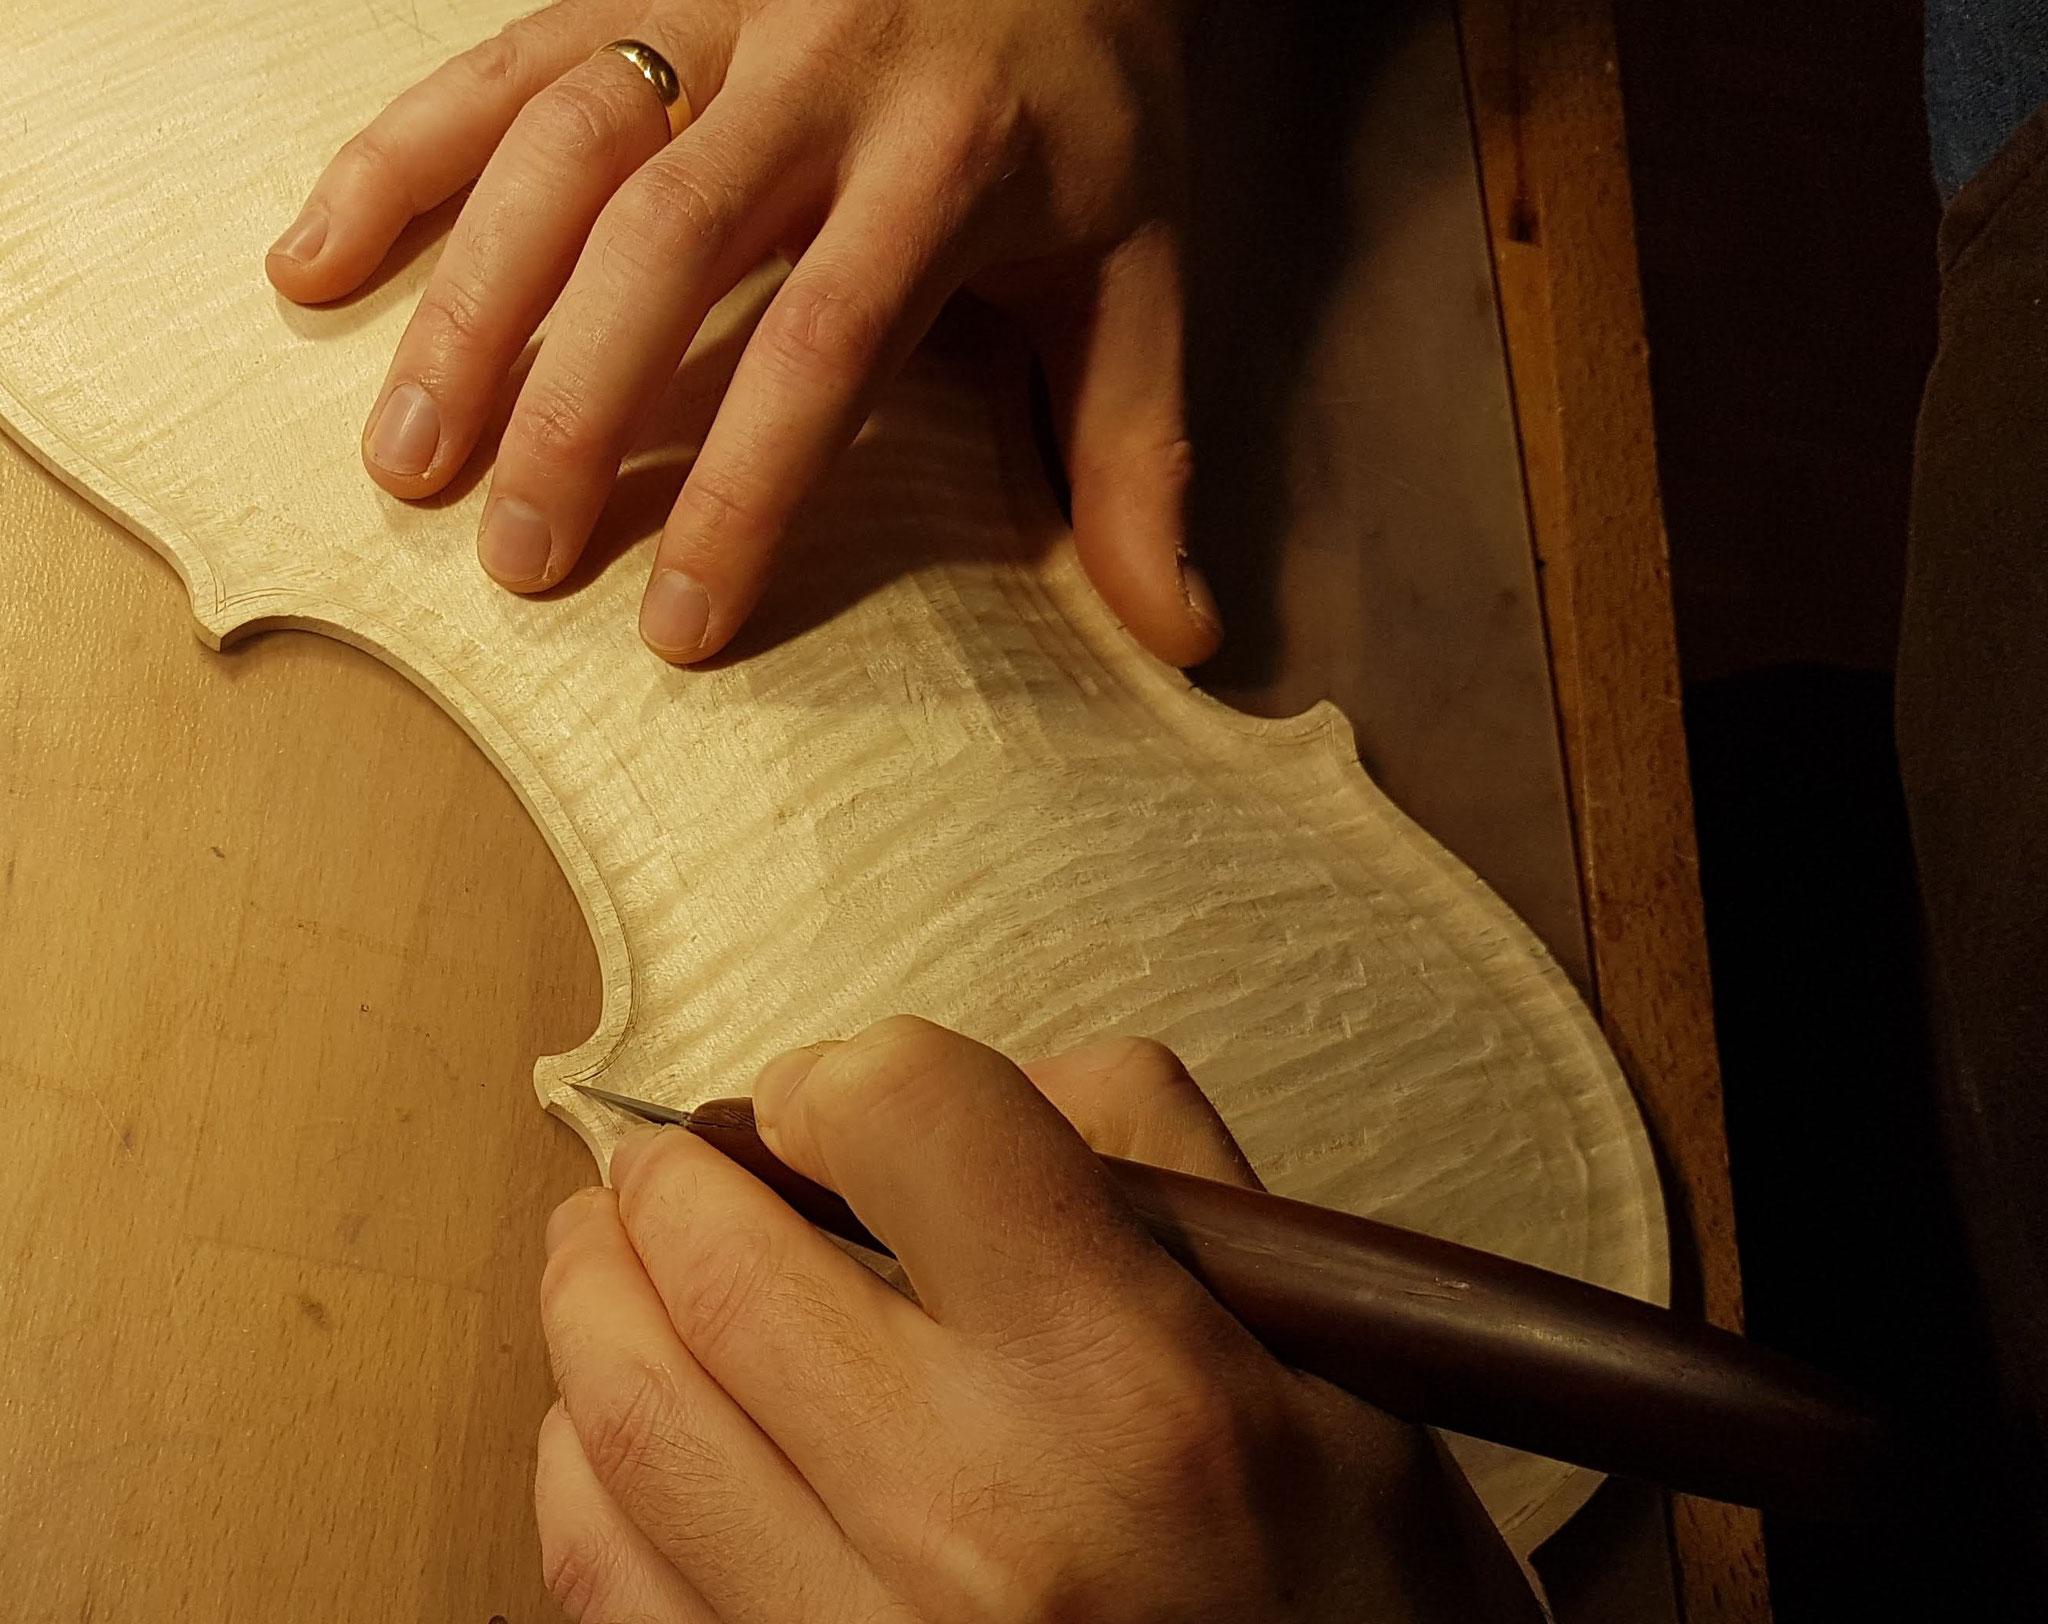 Mit einem Doppelmesser wird der sog. Adergraben entlang des Umrisses angeritzt und anschließend mit einem Schnitzmesser vertieft.